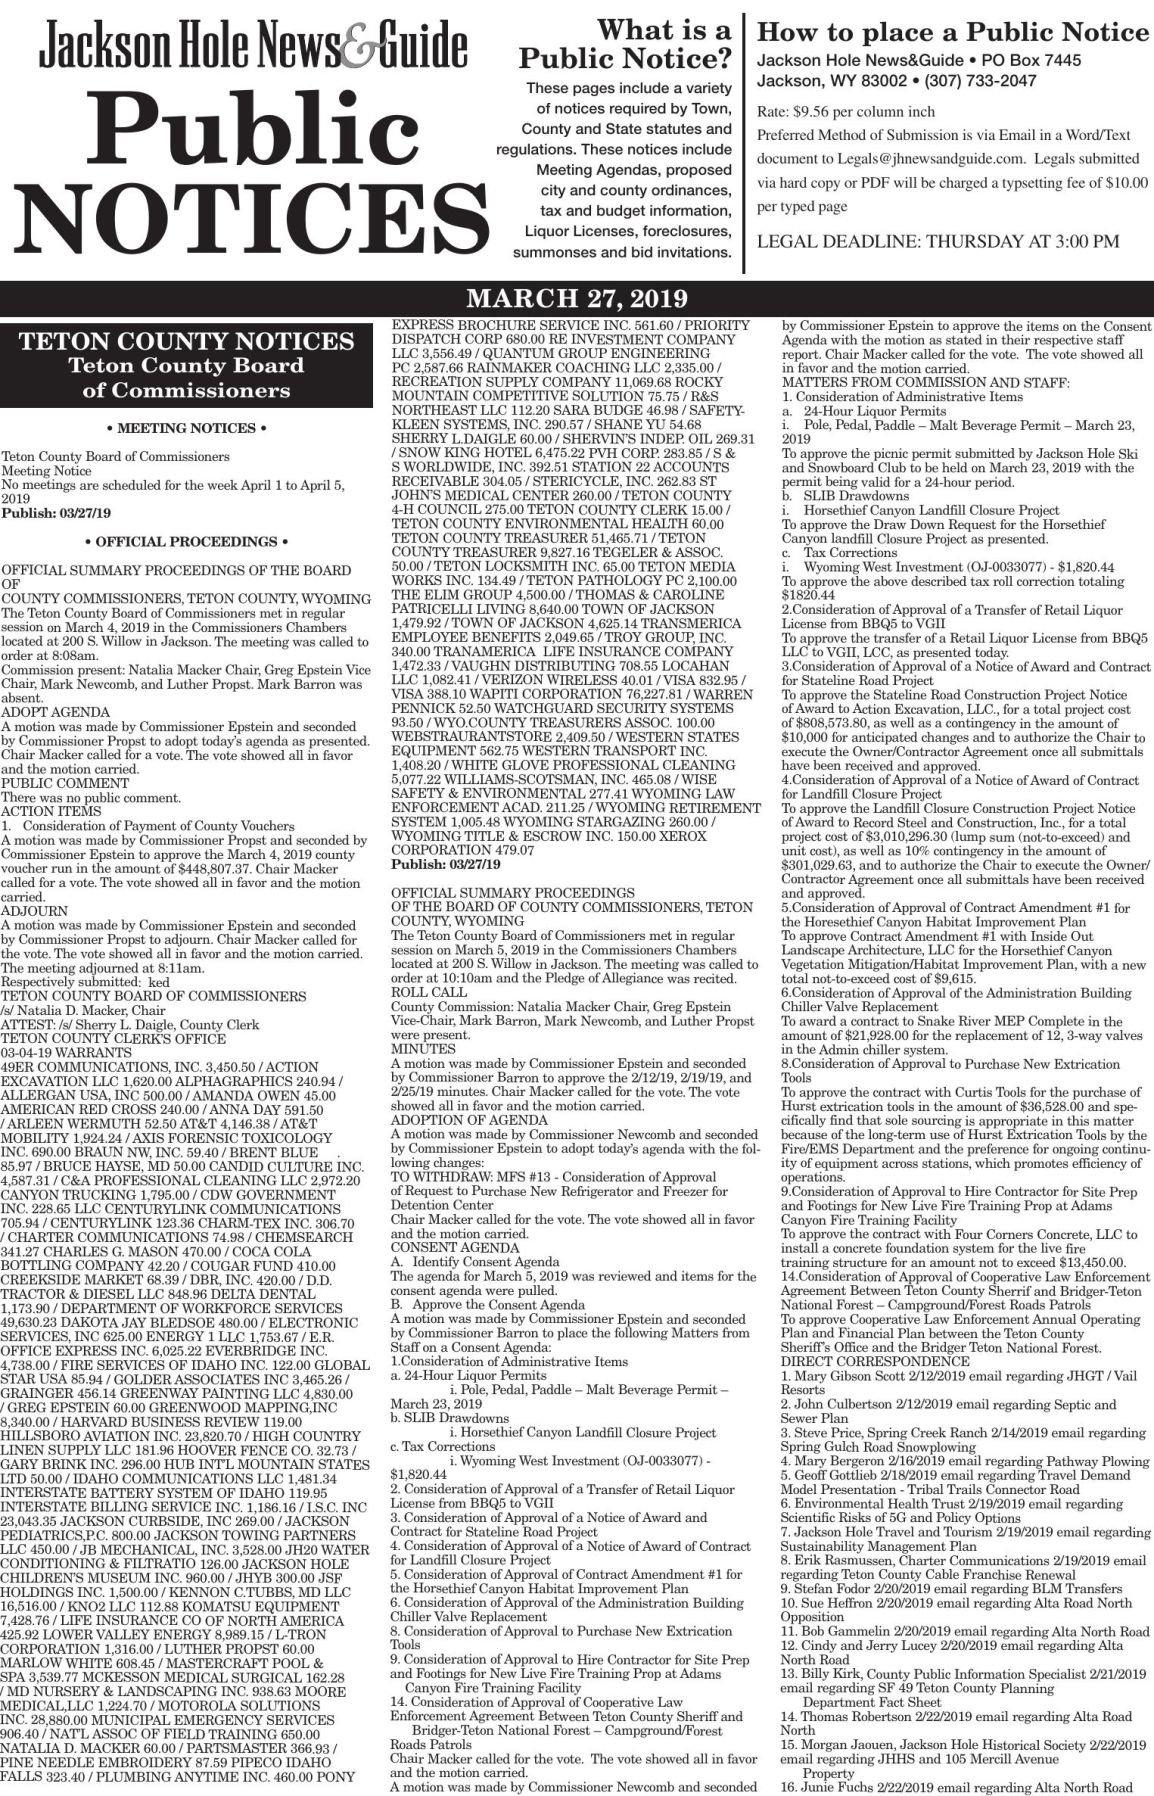 Public Notices, March 27, 2019